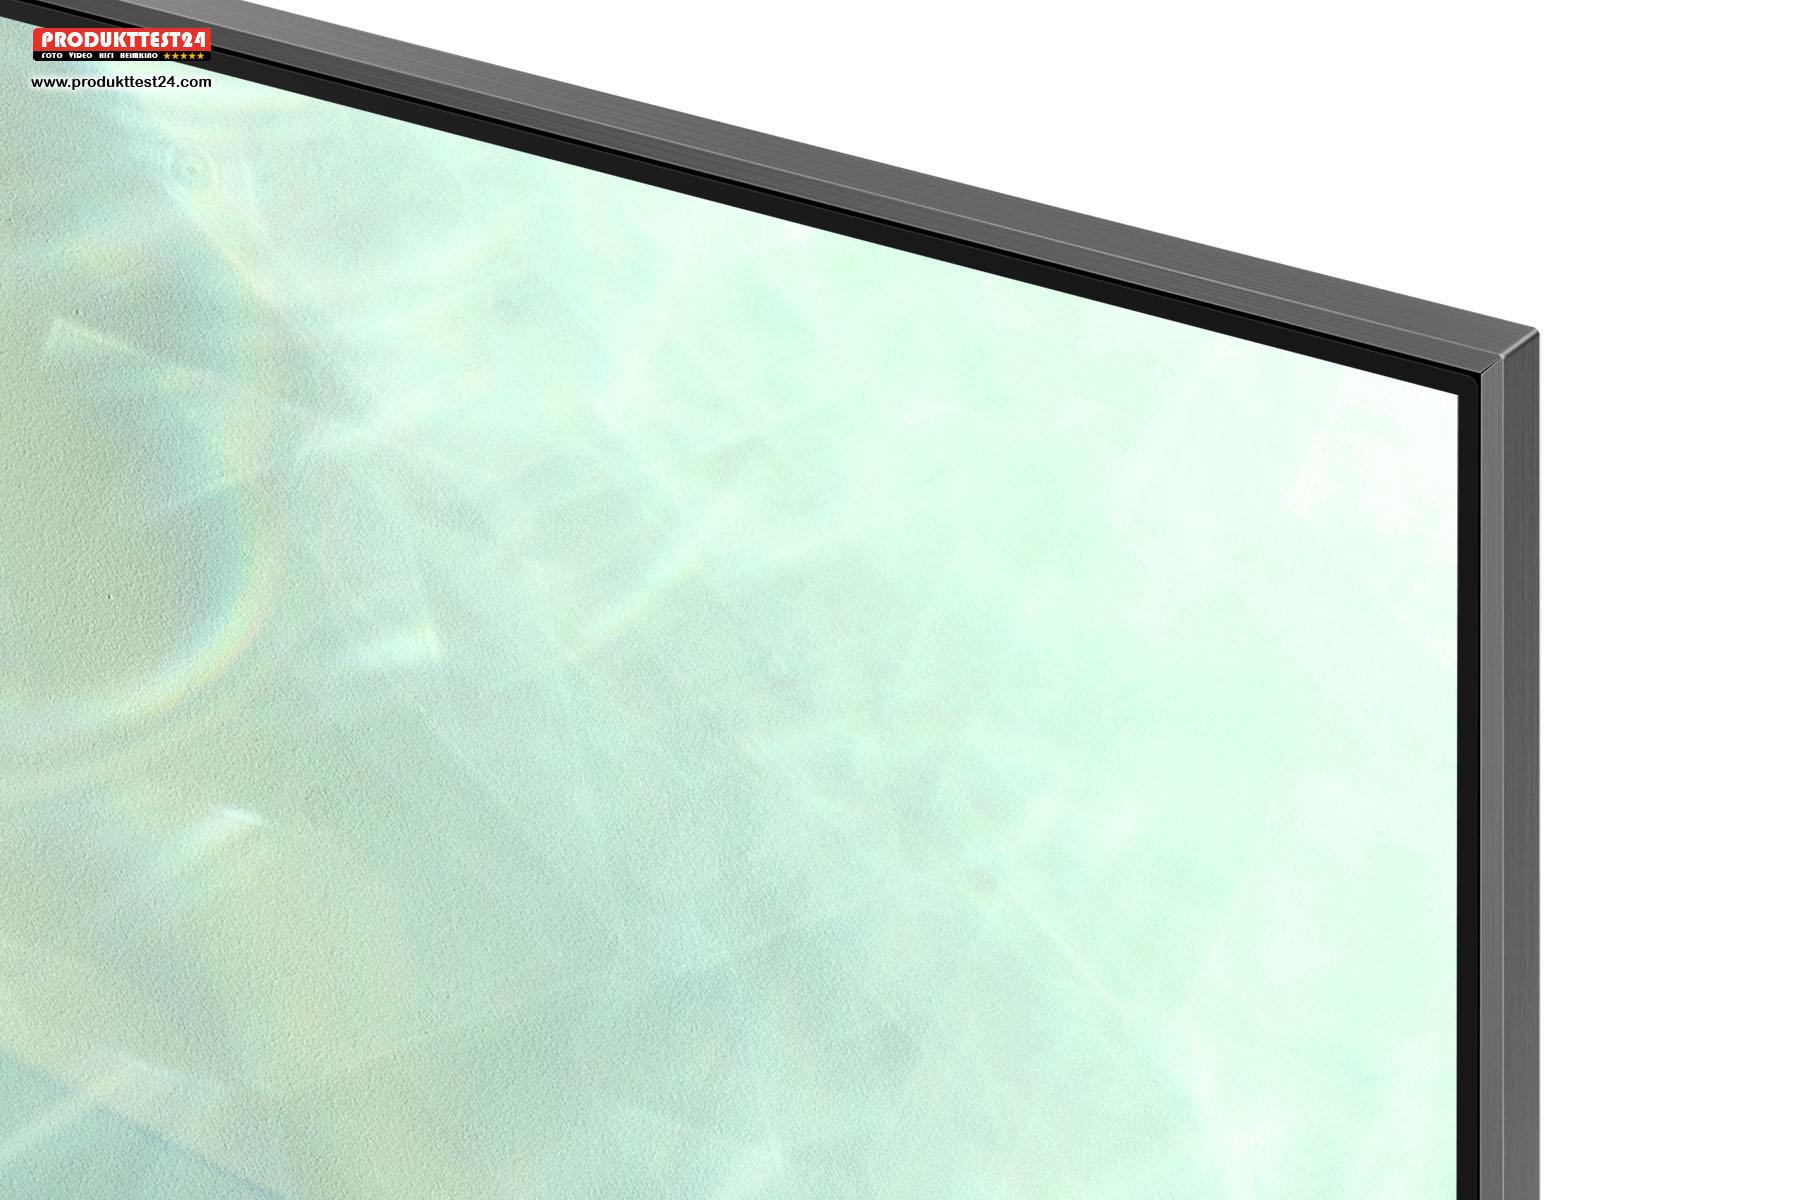 Der schmale Alu-Rahmen des Samsung GQ85Q80T.